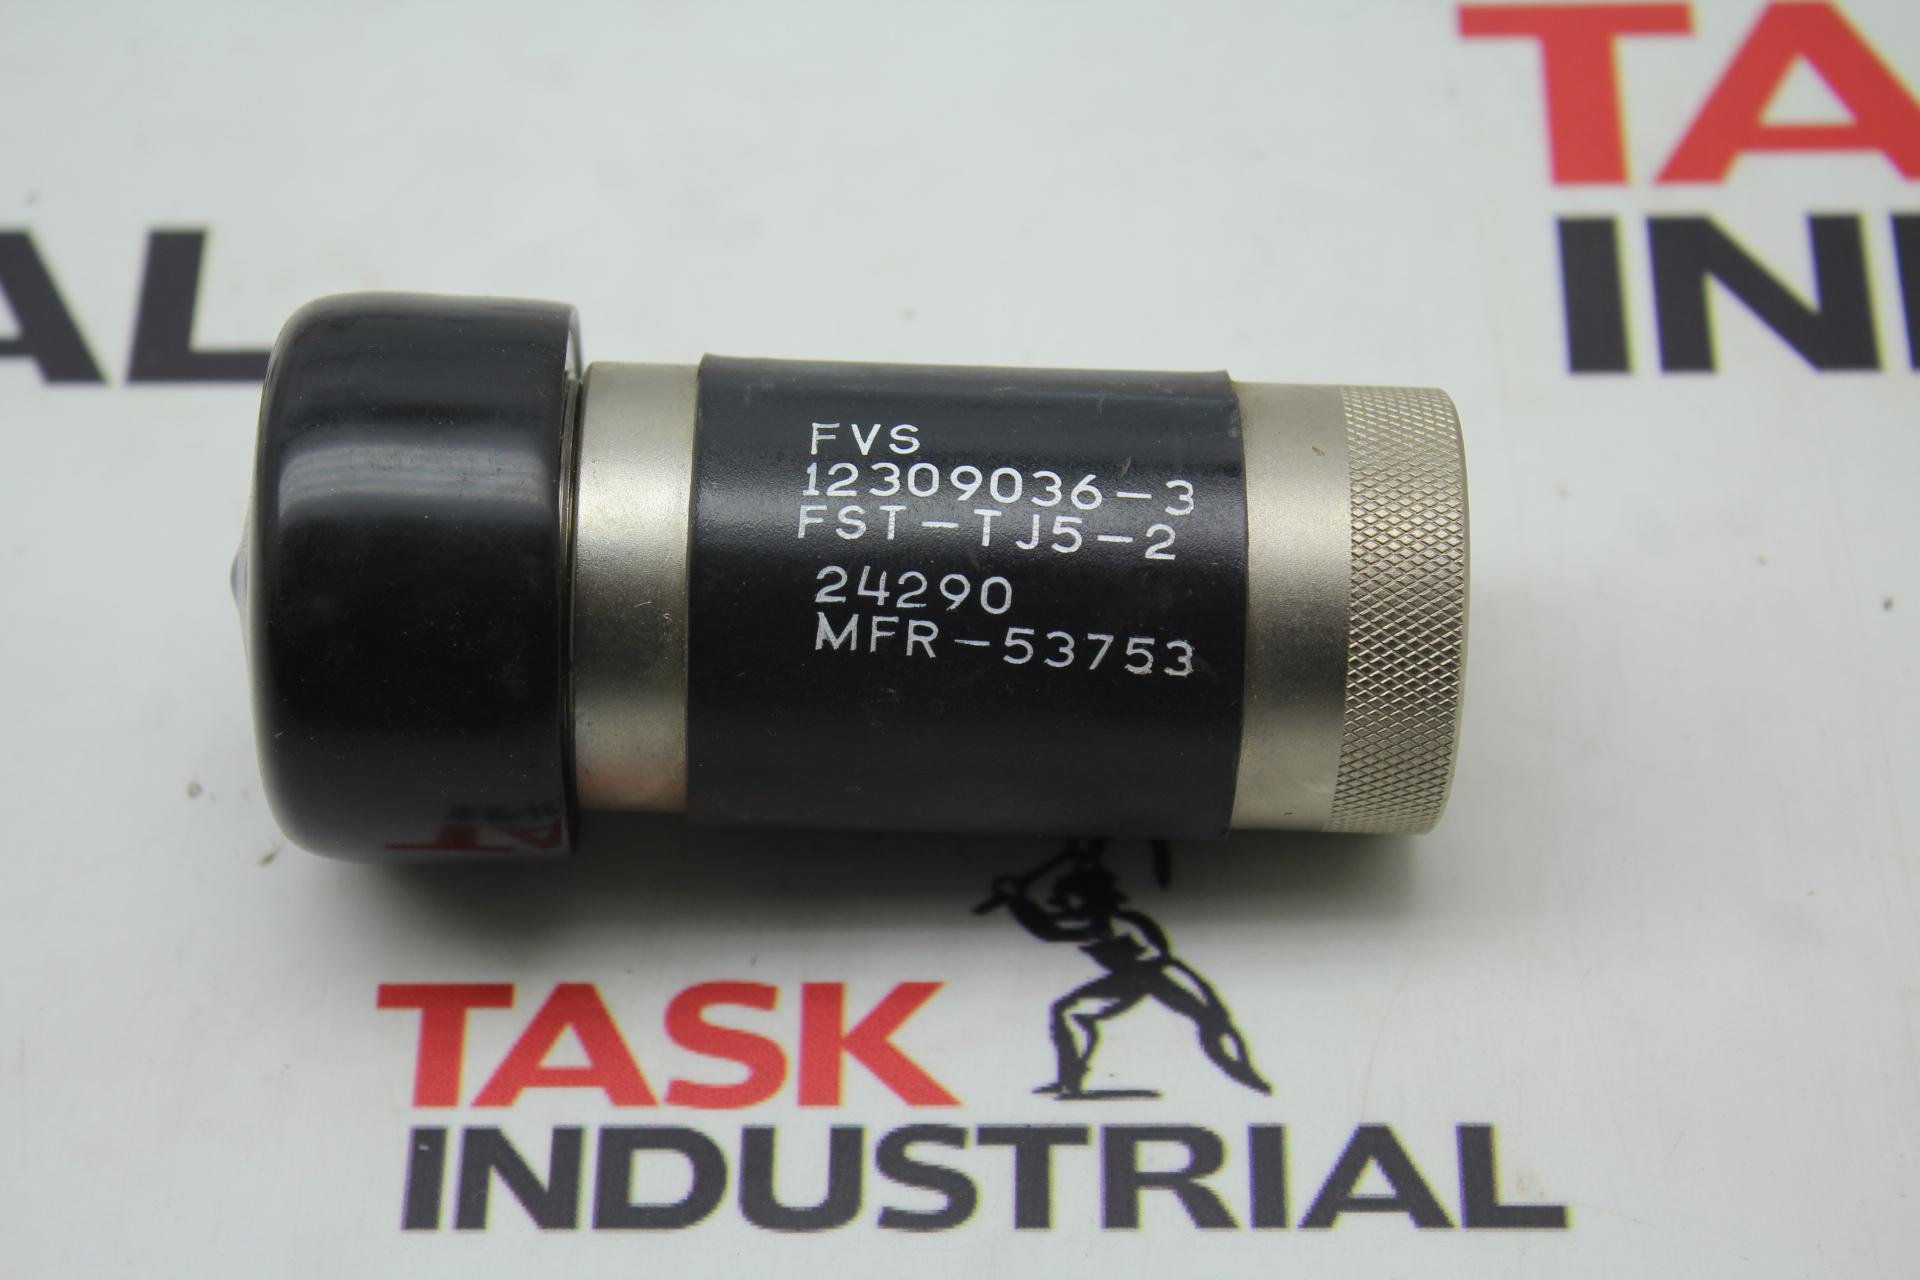 FVS 12309036-3 FST-TJ5-2 Dummy Connector